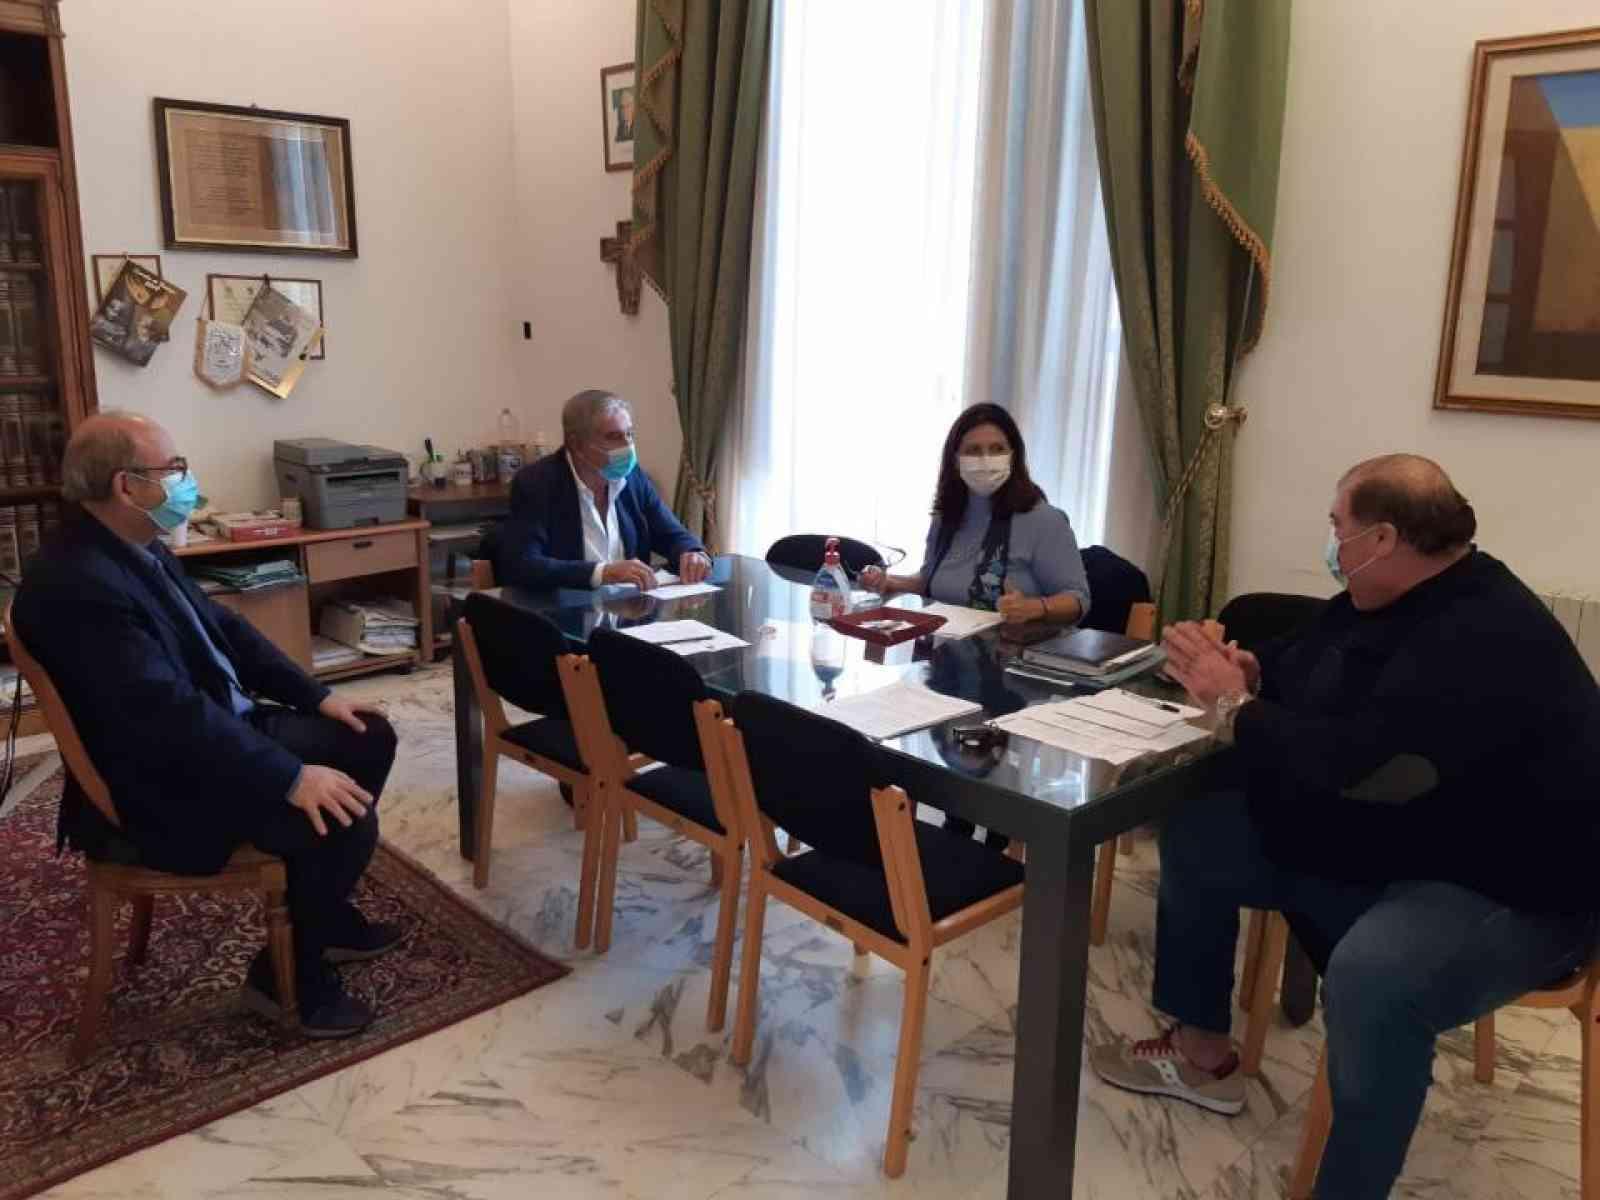 Immagine articolo: L'Amministrazione Mauceri incontra il Dott. Emanuele Scarpuzza componente del Comitato Tecnico Scientifico della Regione